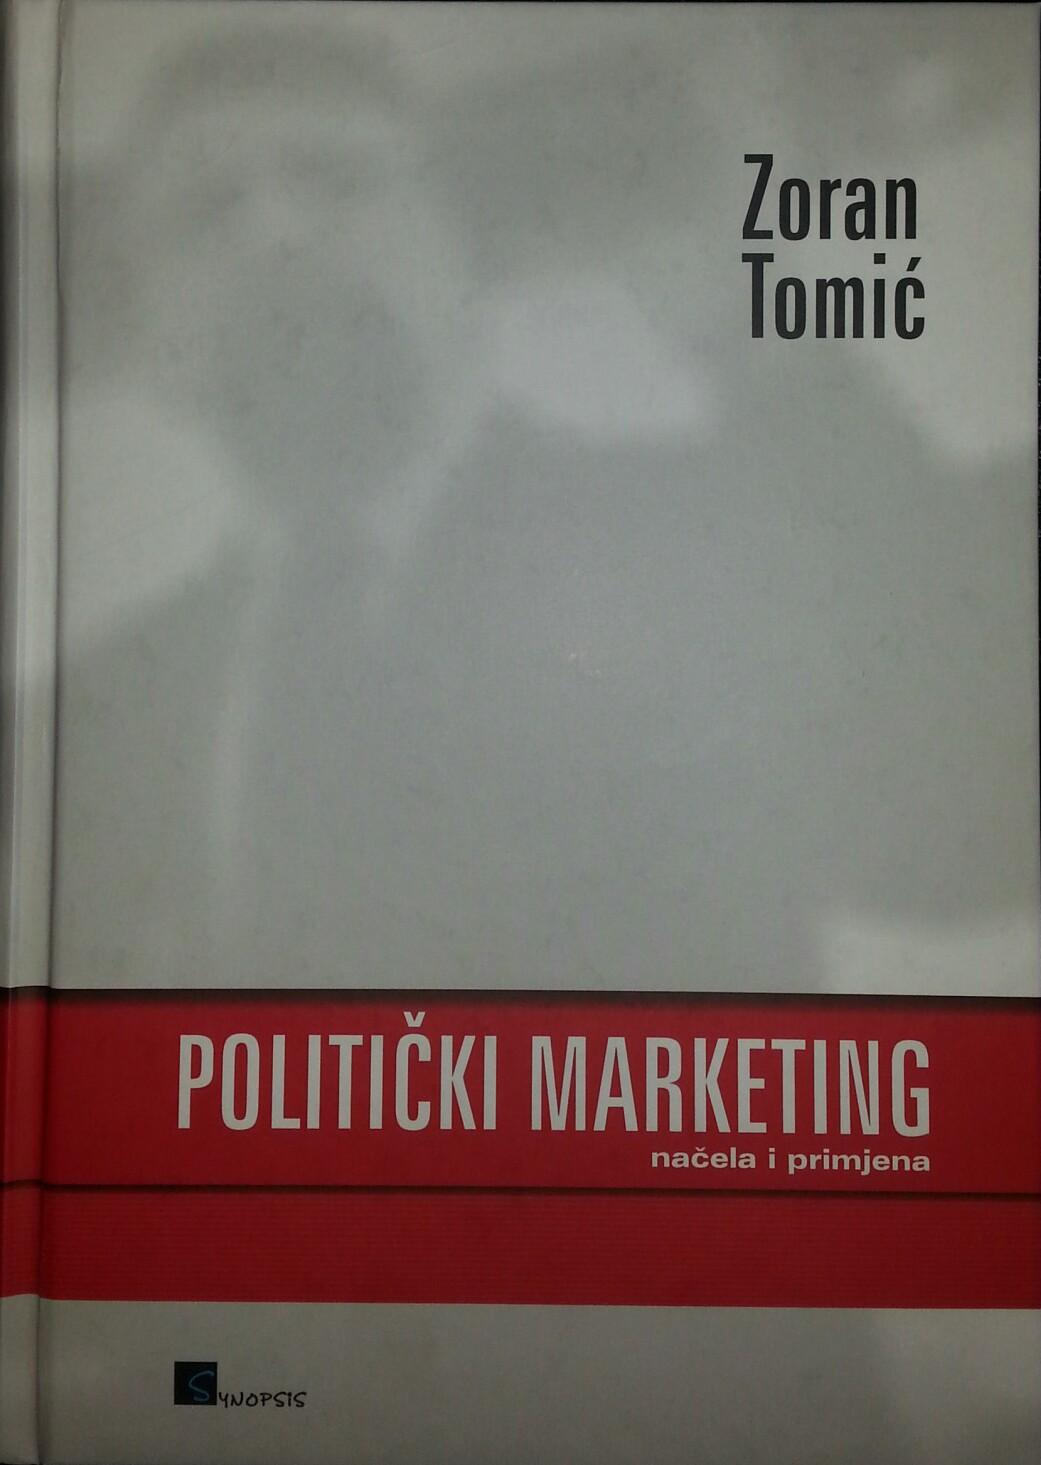 POLITIČKI MARKETING - Naruči svoju knjigu